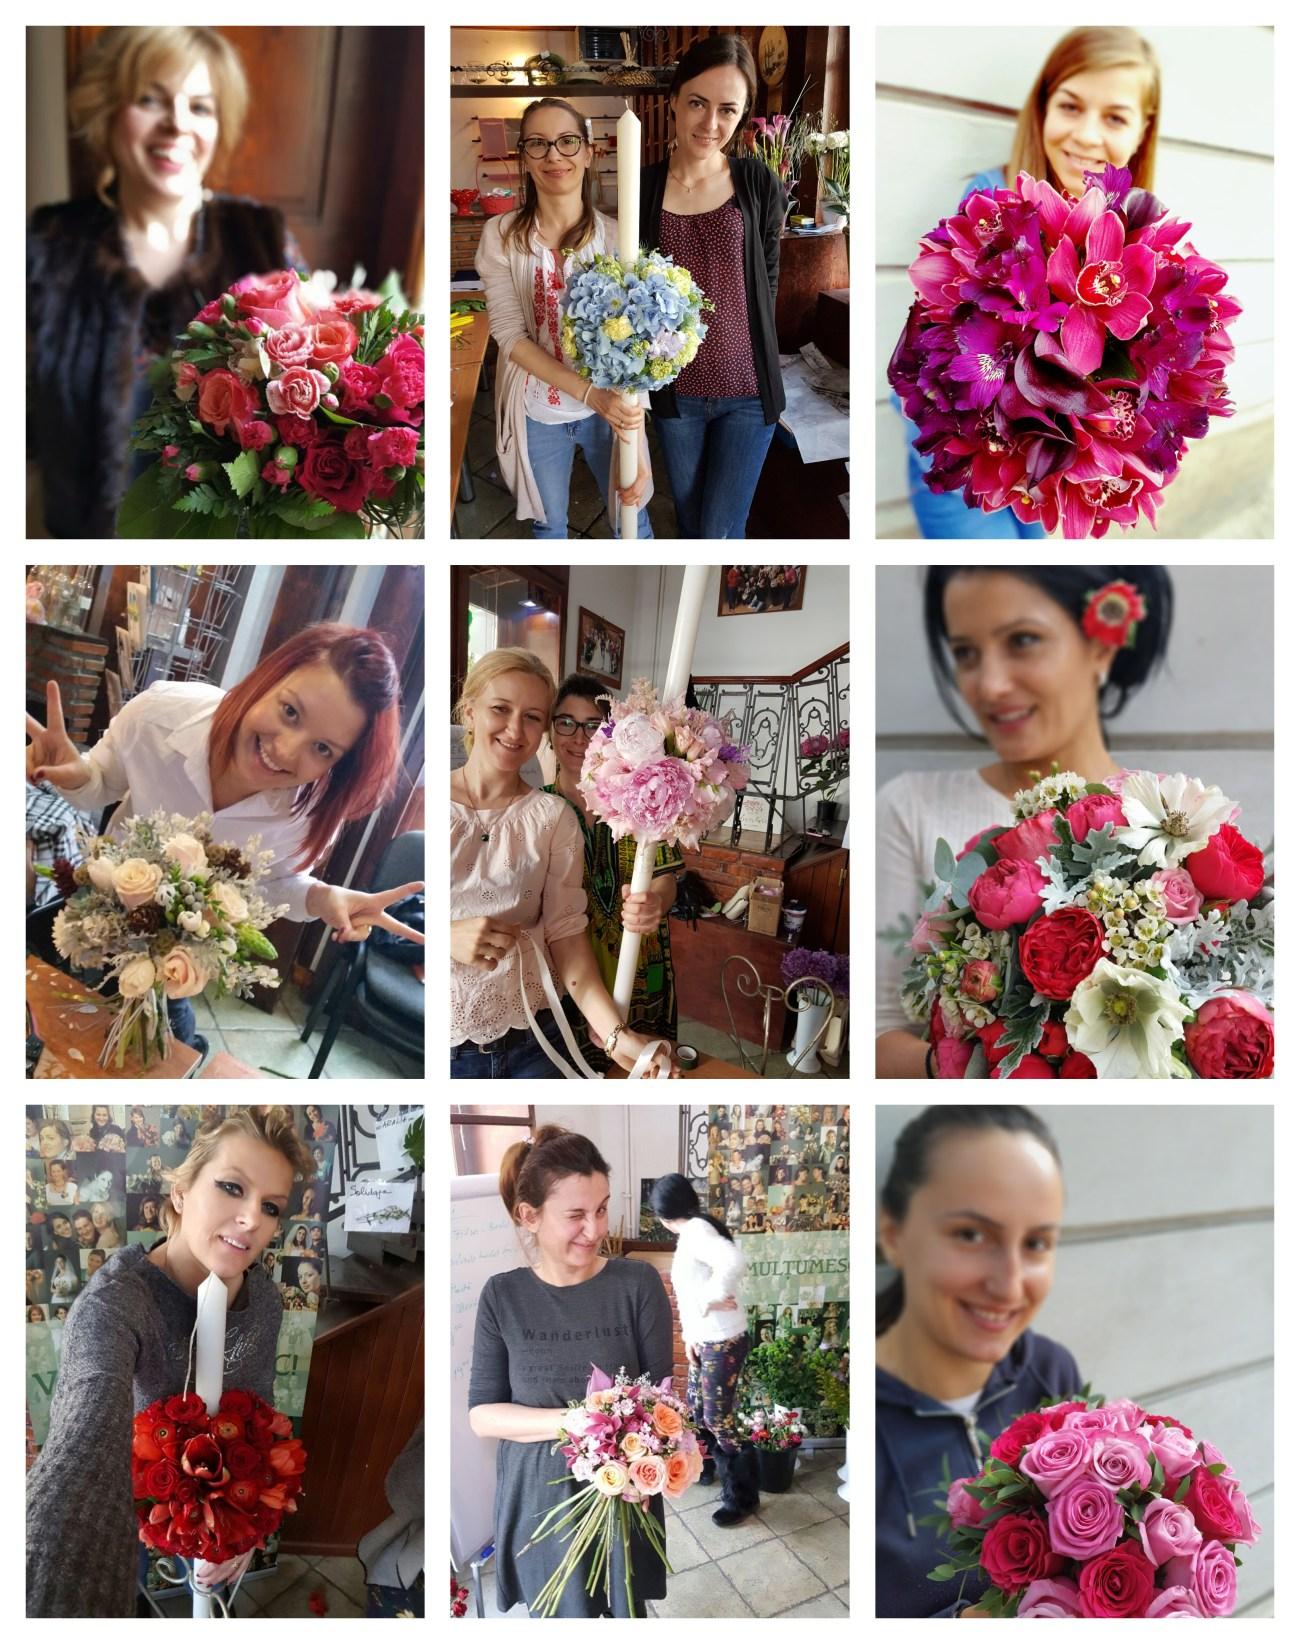 Curs floristica Atelierul de flori